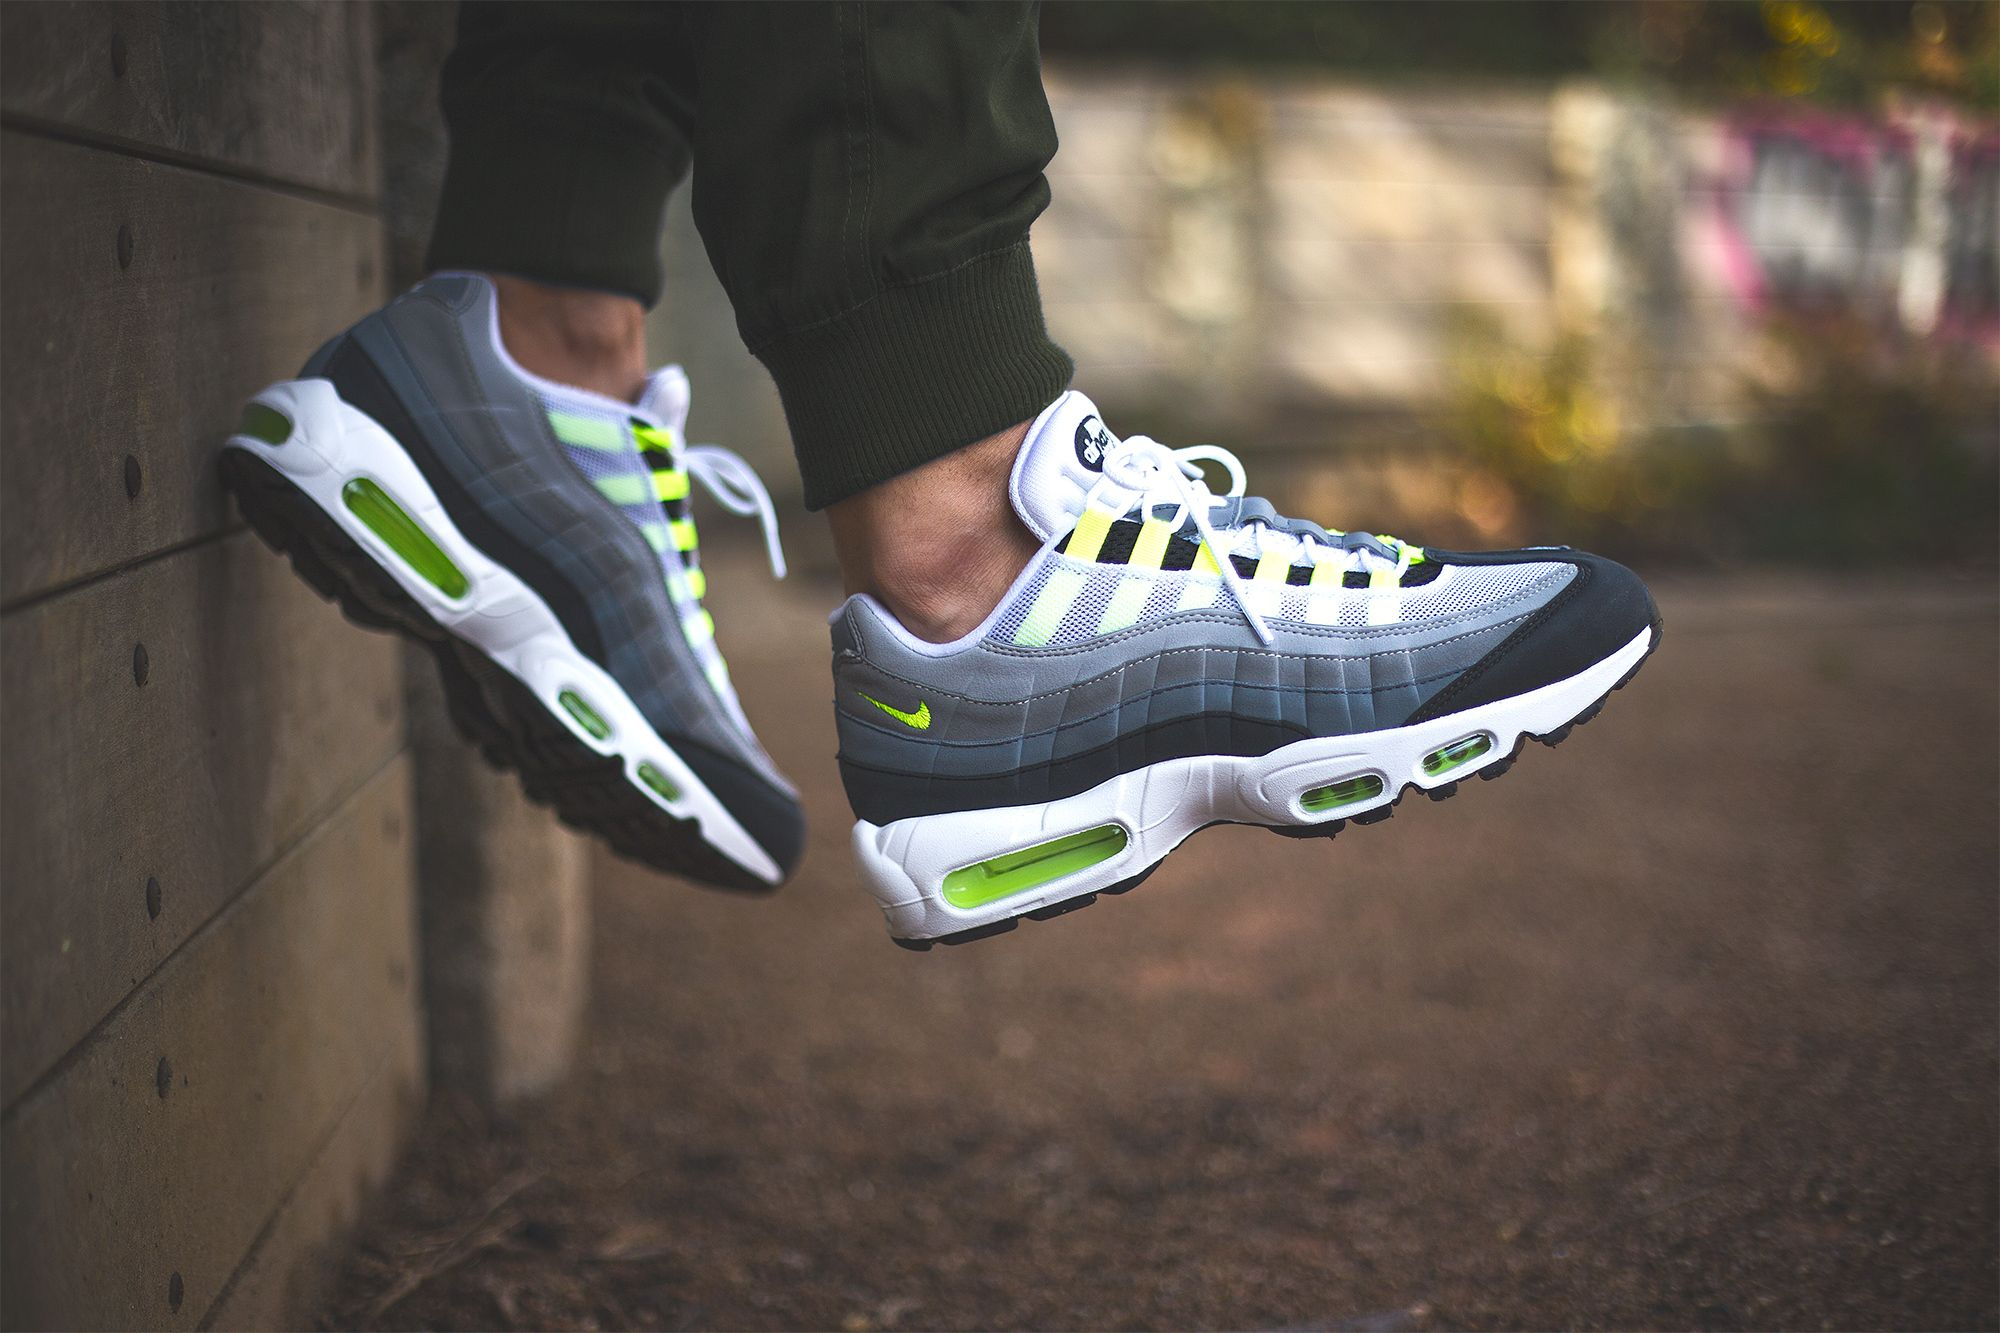 finest selection 52b09 ece1a Réinterprétation du travail iconique de Sergio Lozano et du coloris « Neon  » de 1995, la Nike Air Max 95 iD « Neon Alternate » par Sneakers Addict™  utilise ...